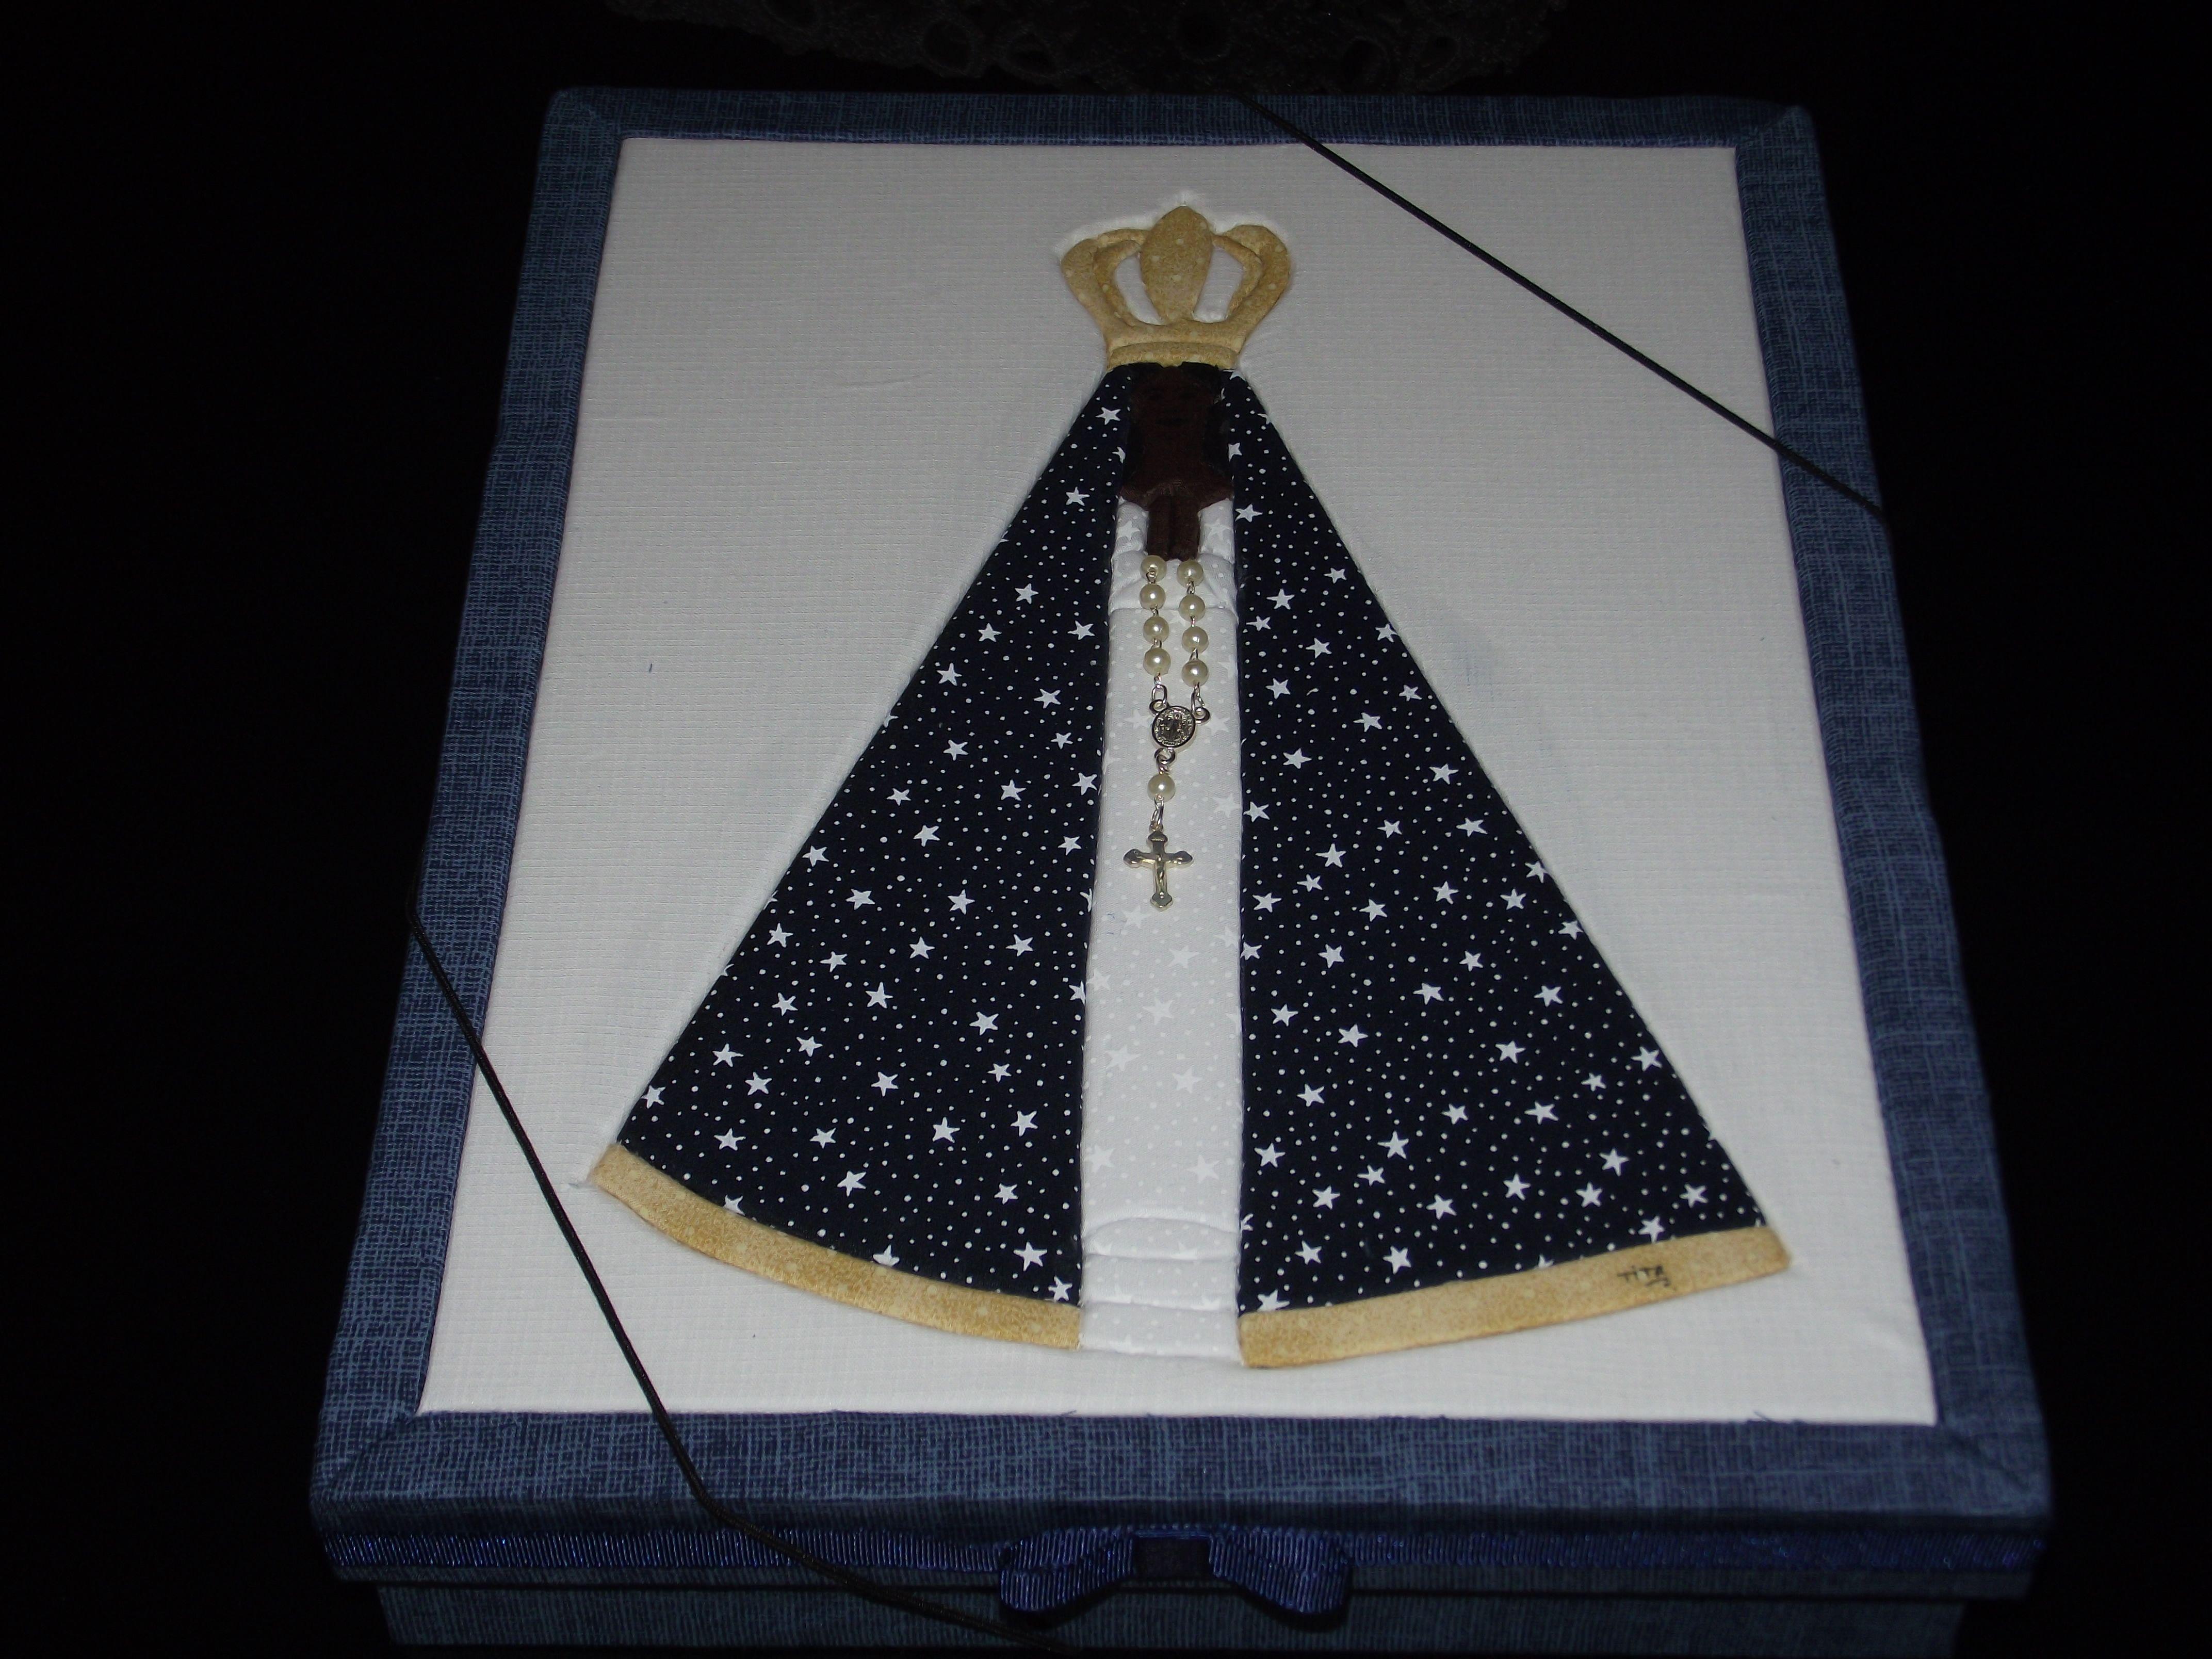 Nossa Senhora Aparecida Para Camisa: Caixa De Documentos Da Nossa Senhora Aparecida Feita Em